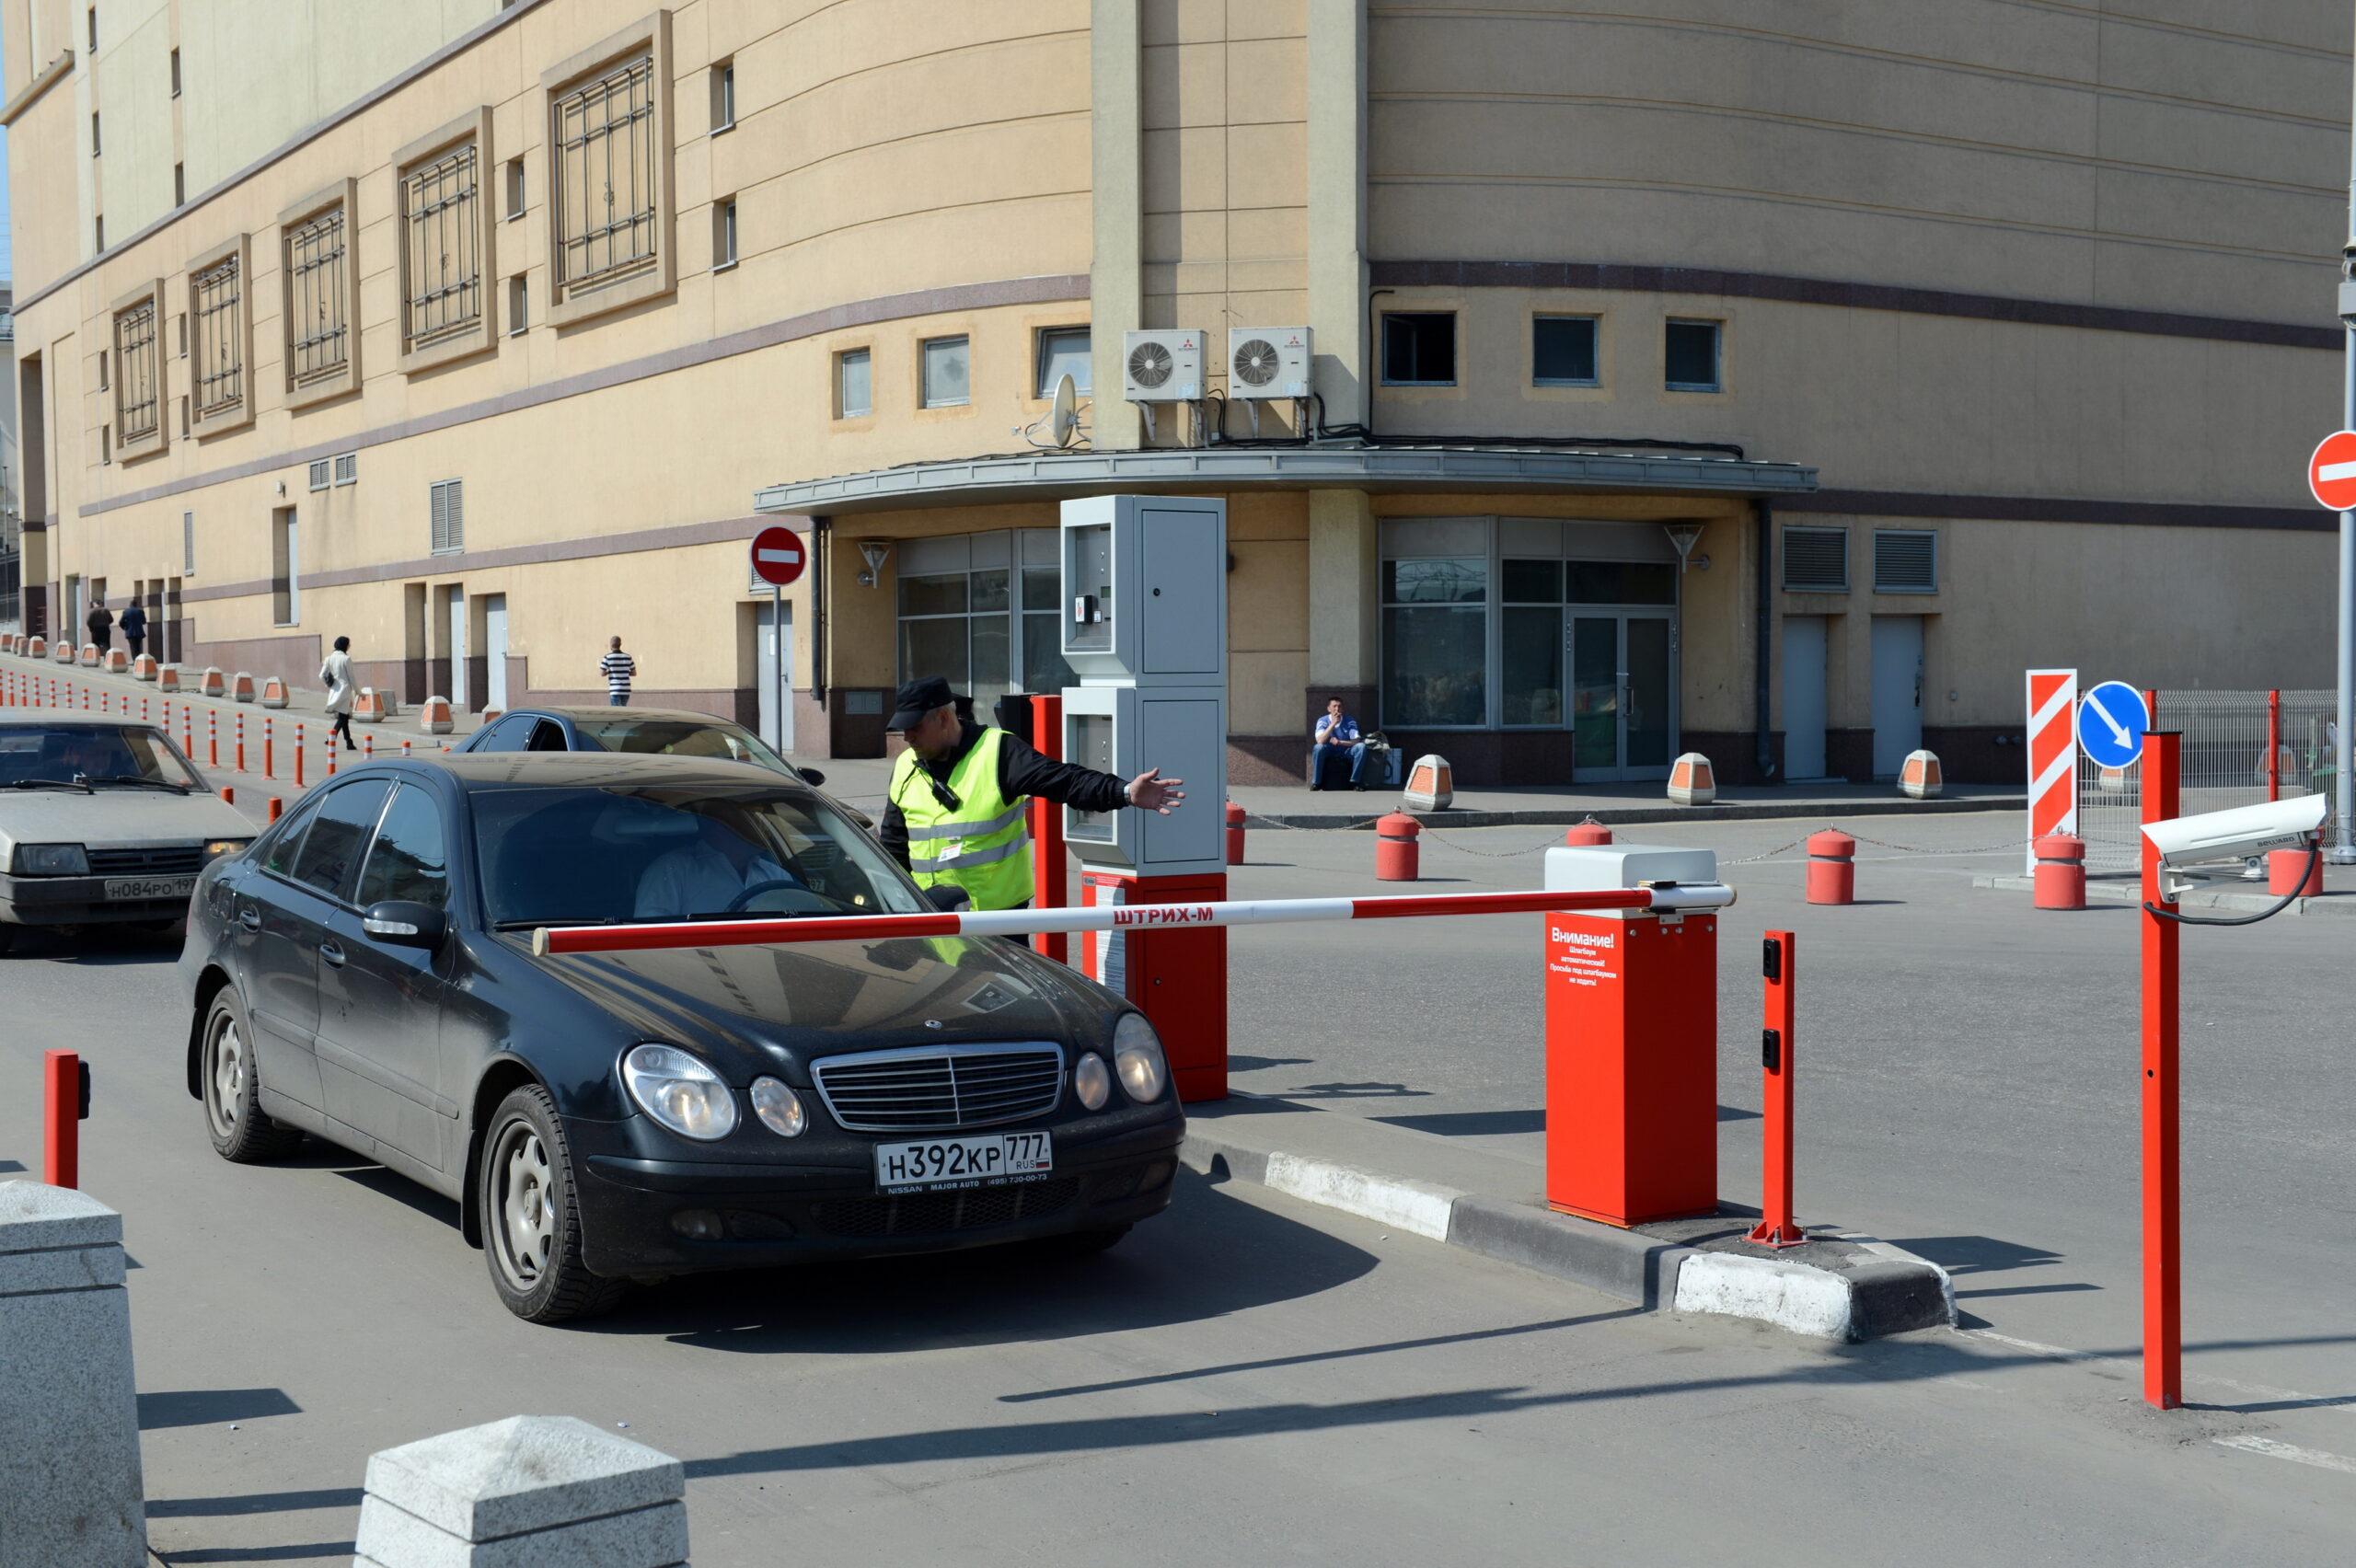 Parkplatzbewachung garbsen - Sicherheitsdienst, Security